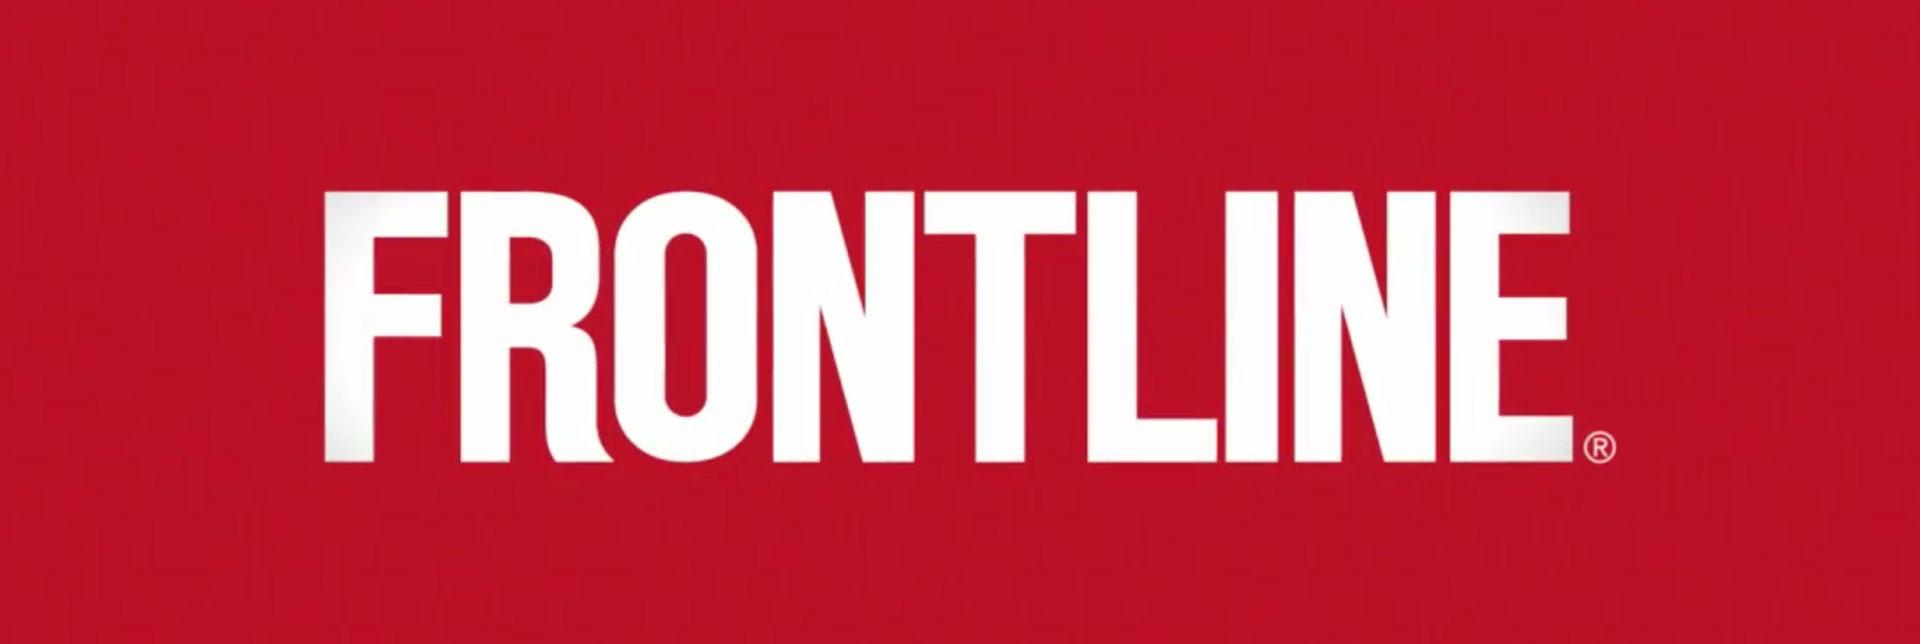 Frontline1920-crop.jpg